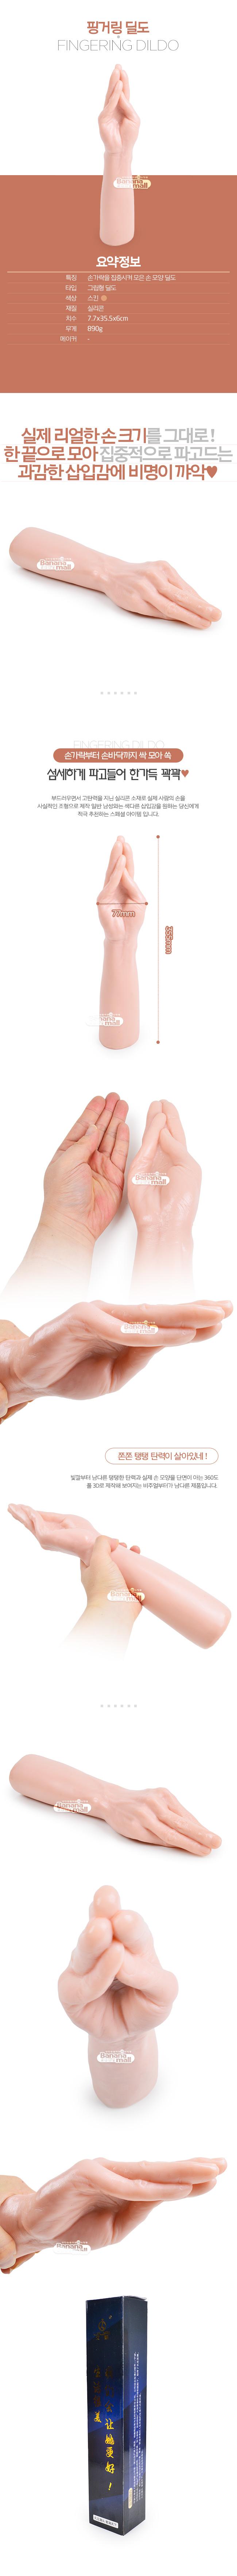 [고급 실리콘] 핑거링  딜도(Fingering Dildo)